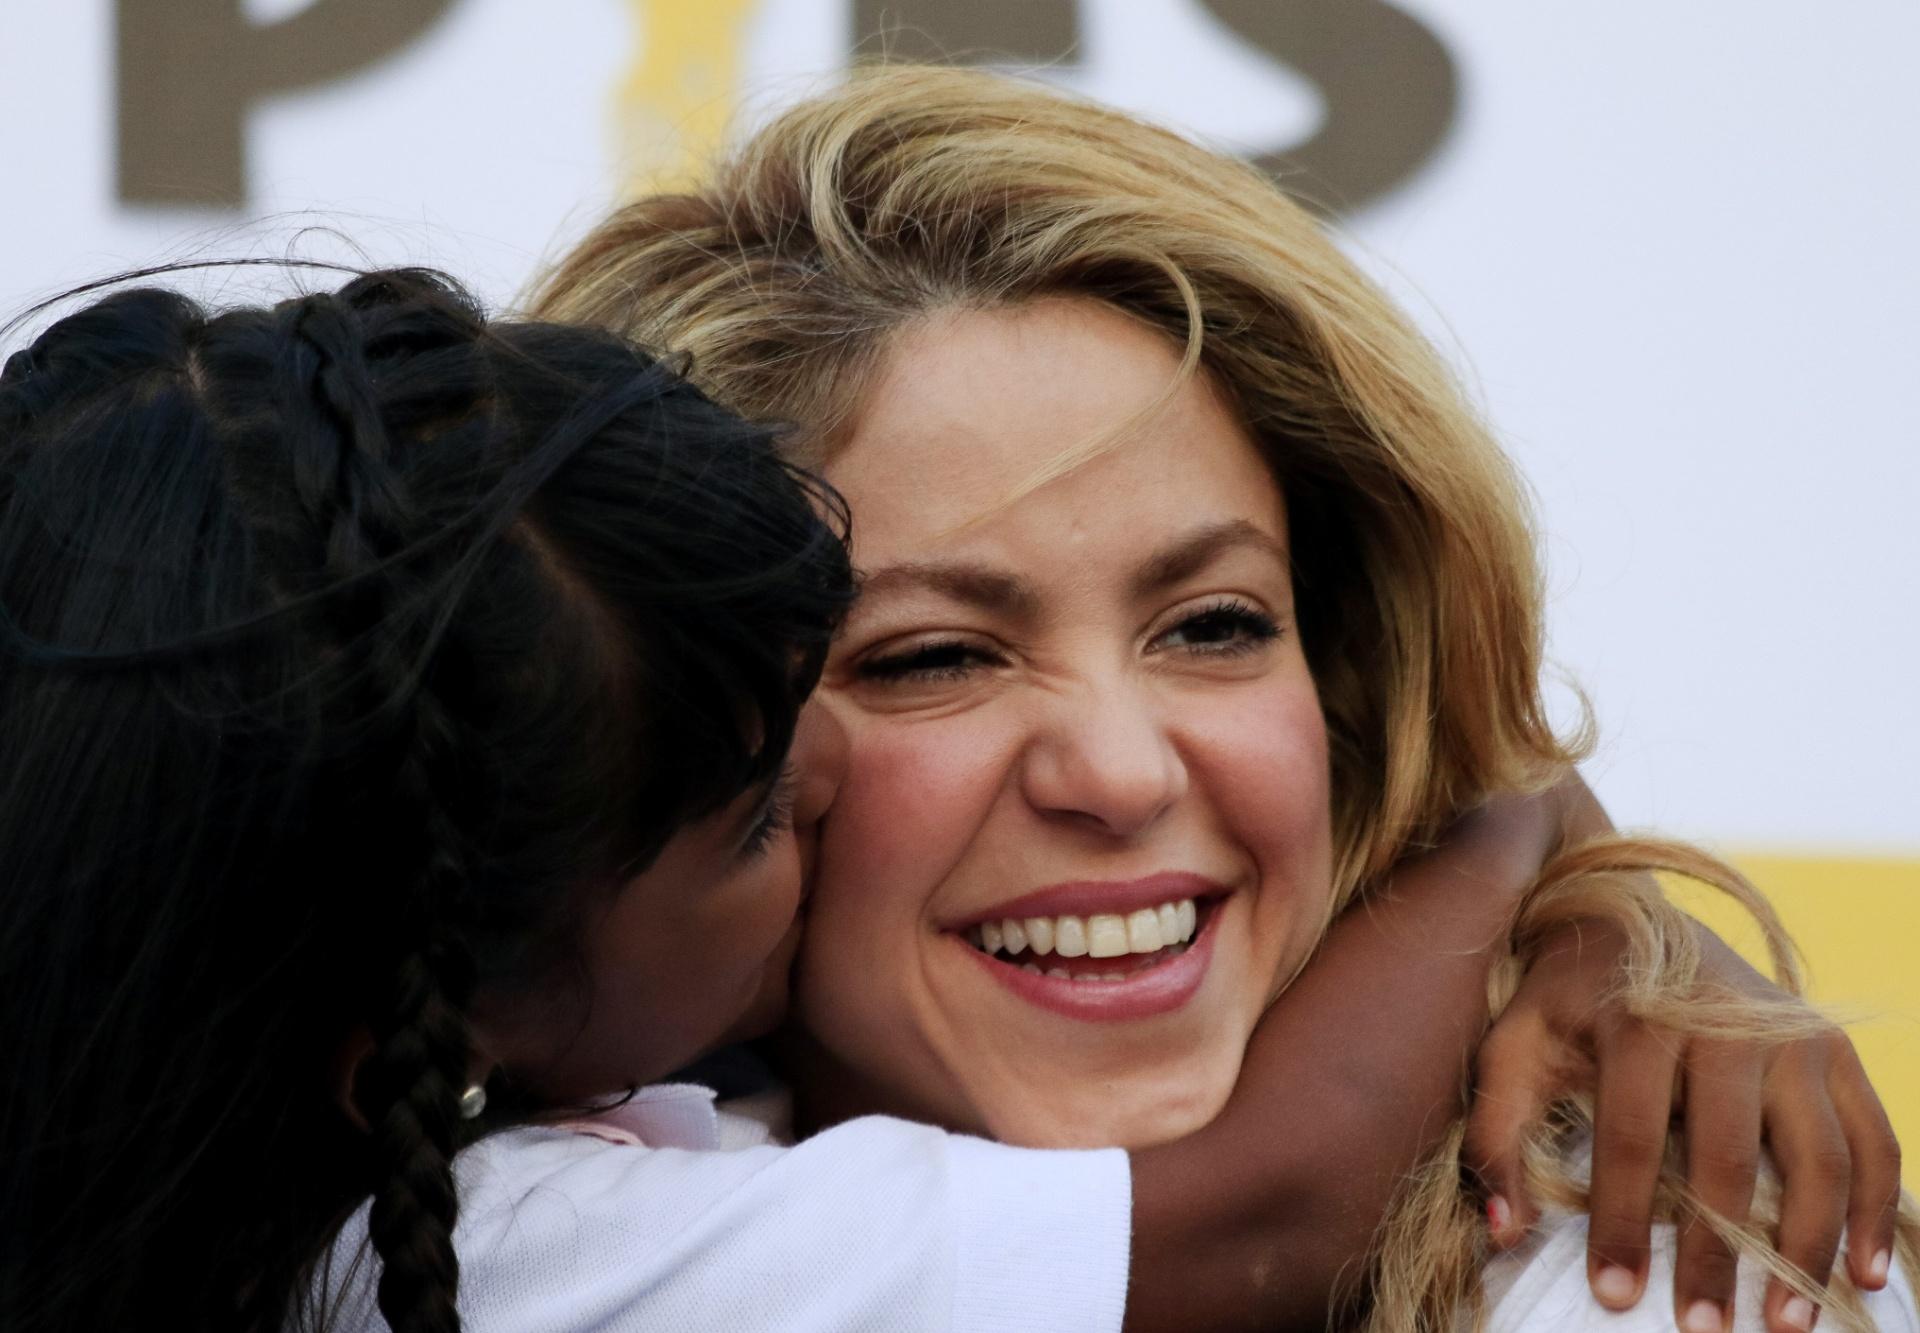 24.fev.2014 - Shakira recebe o carinho de uma criança durante a inauguração de uma escola em Cartagena, na Colômbia